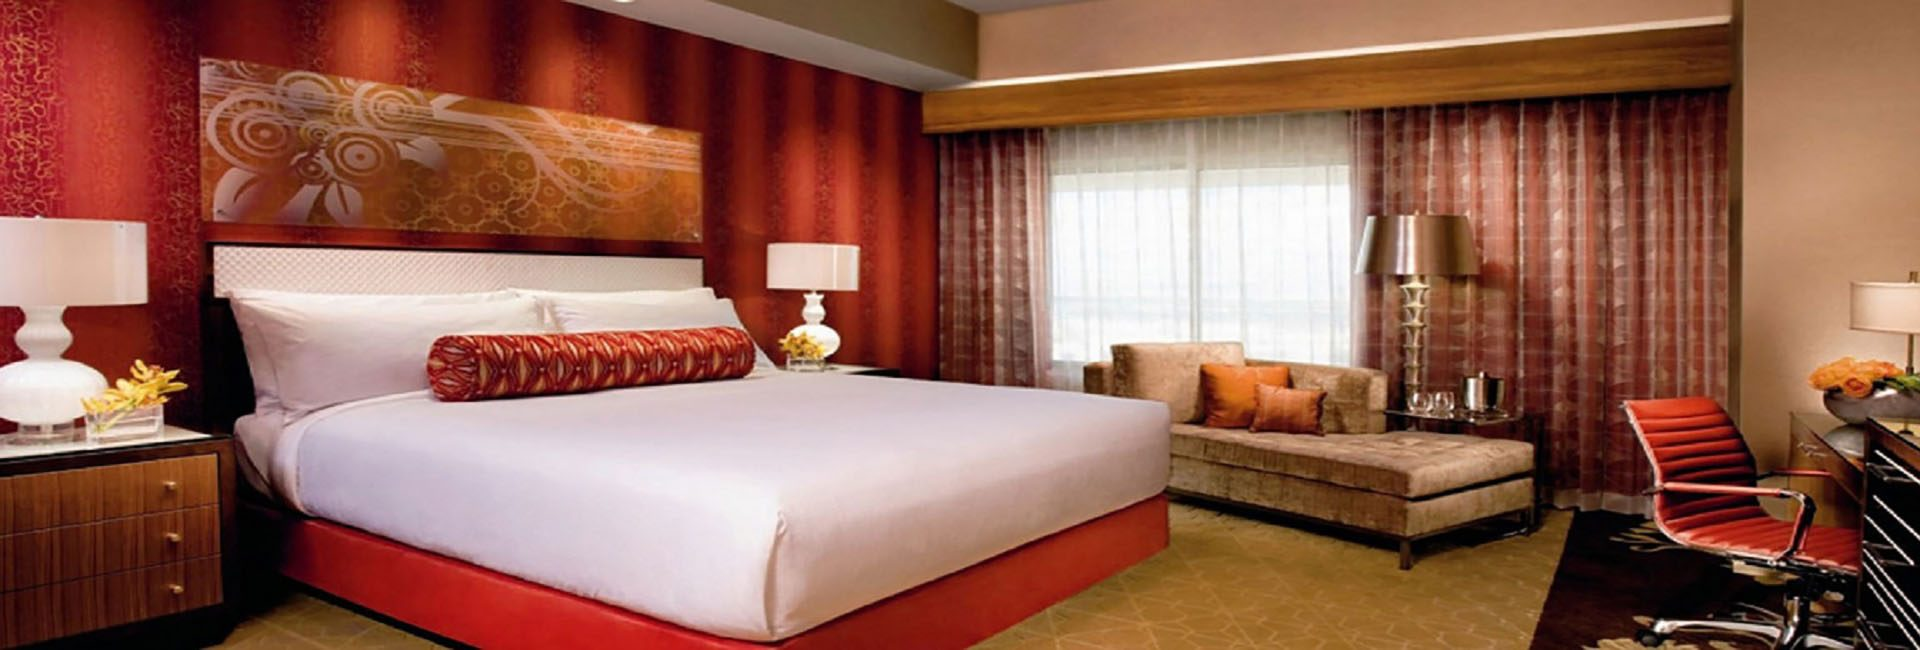 Hotel Wallpaper Installer